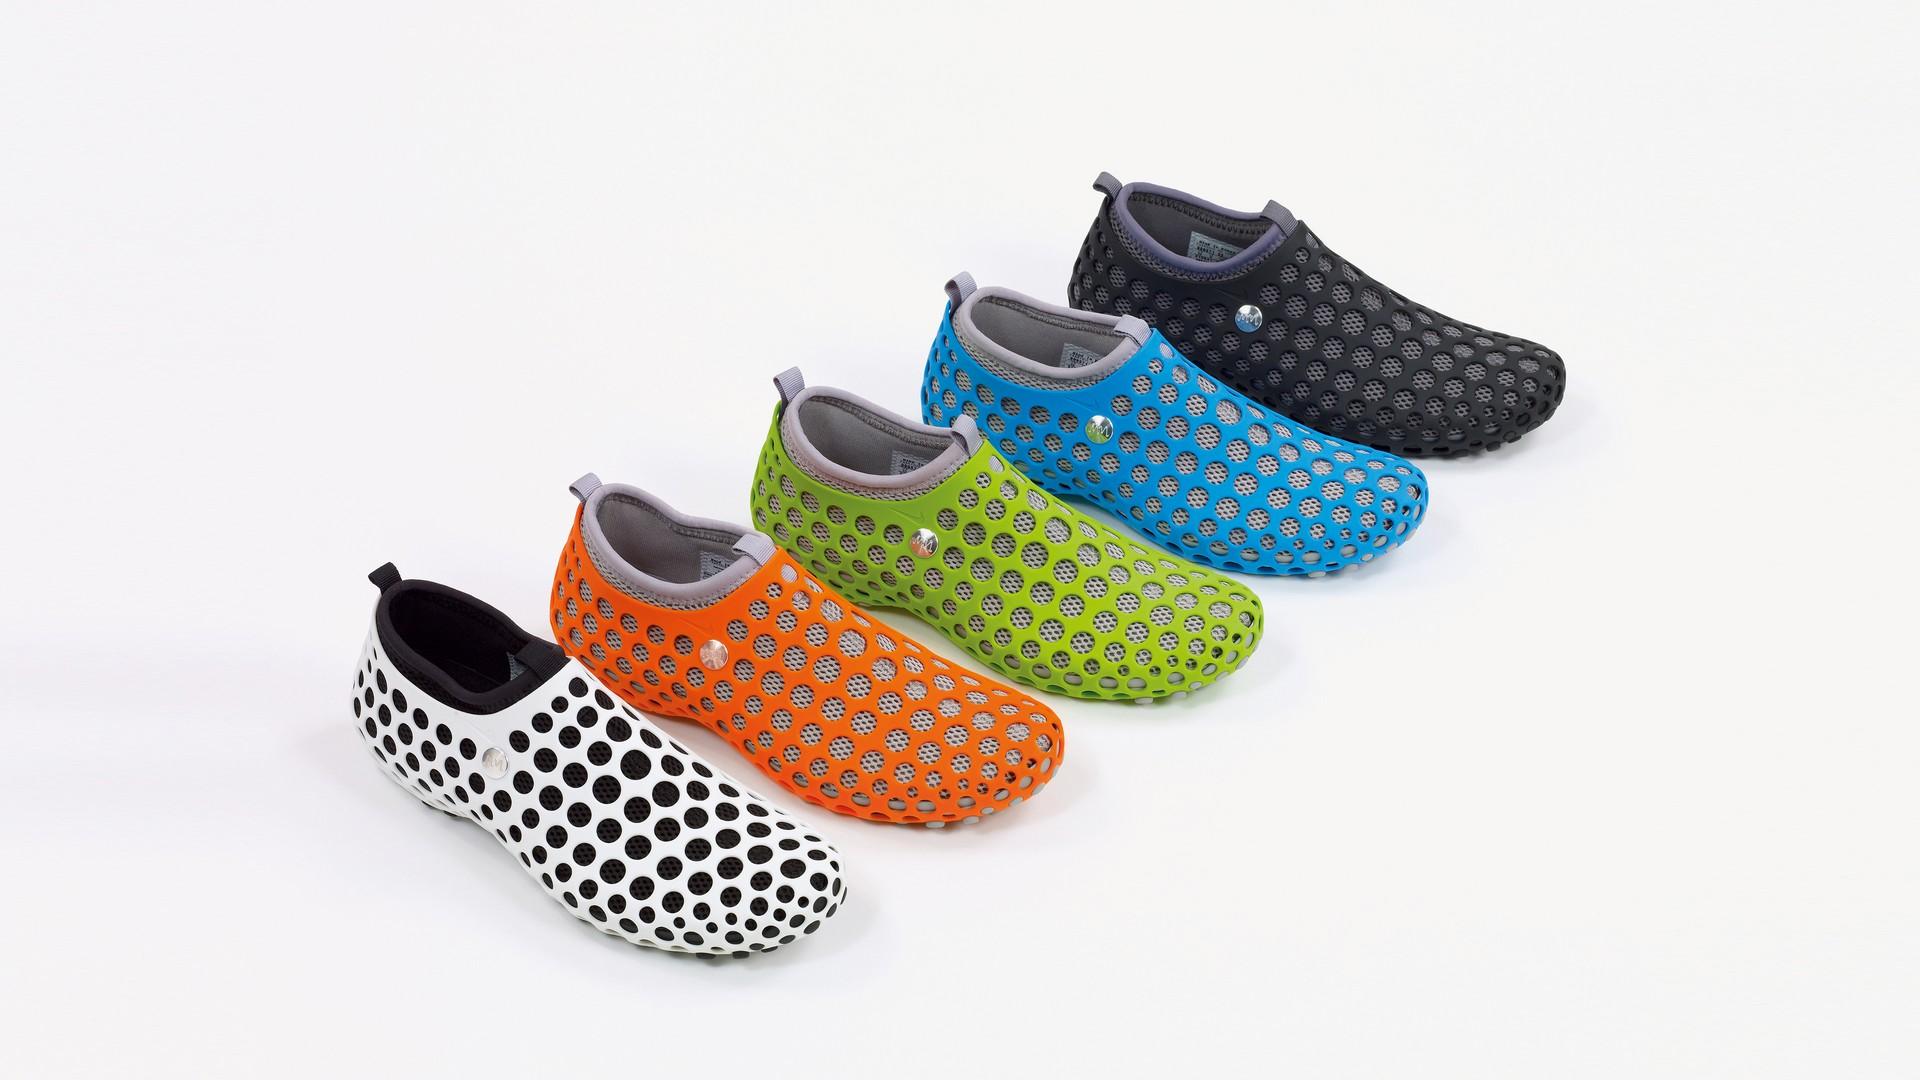 Zvezdochka Sneaker | Marc Newson Ltd